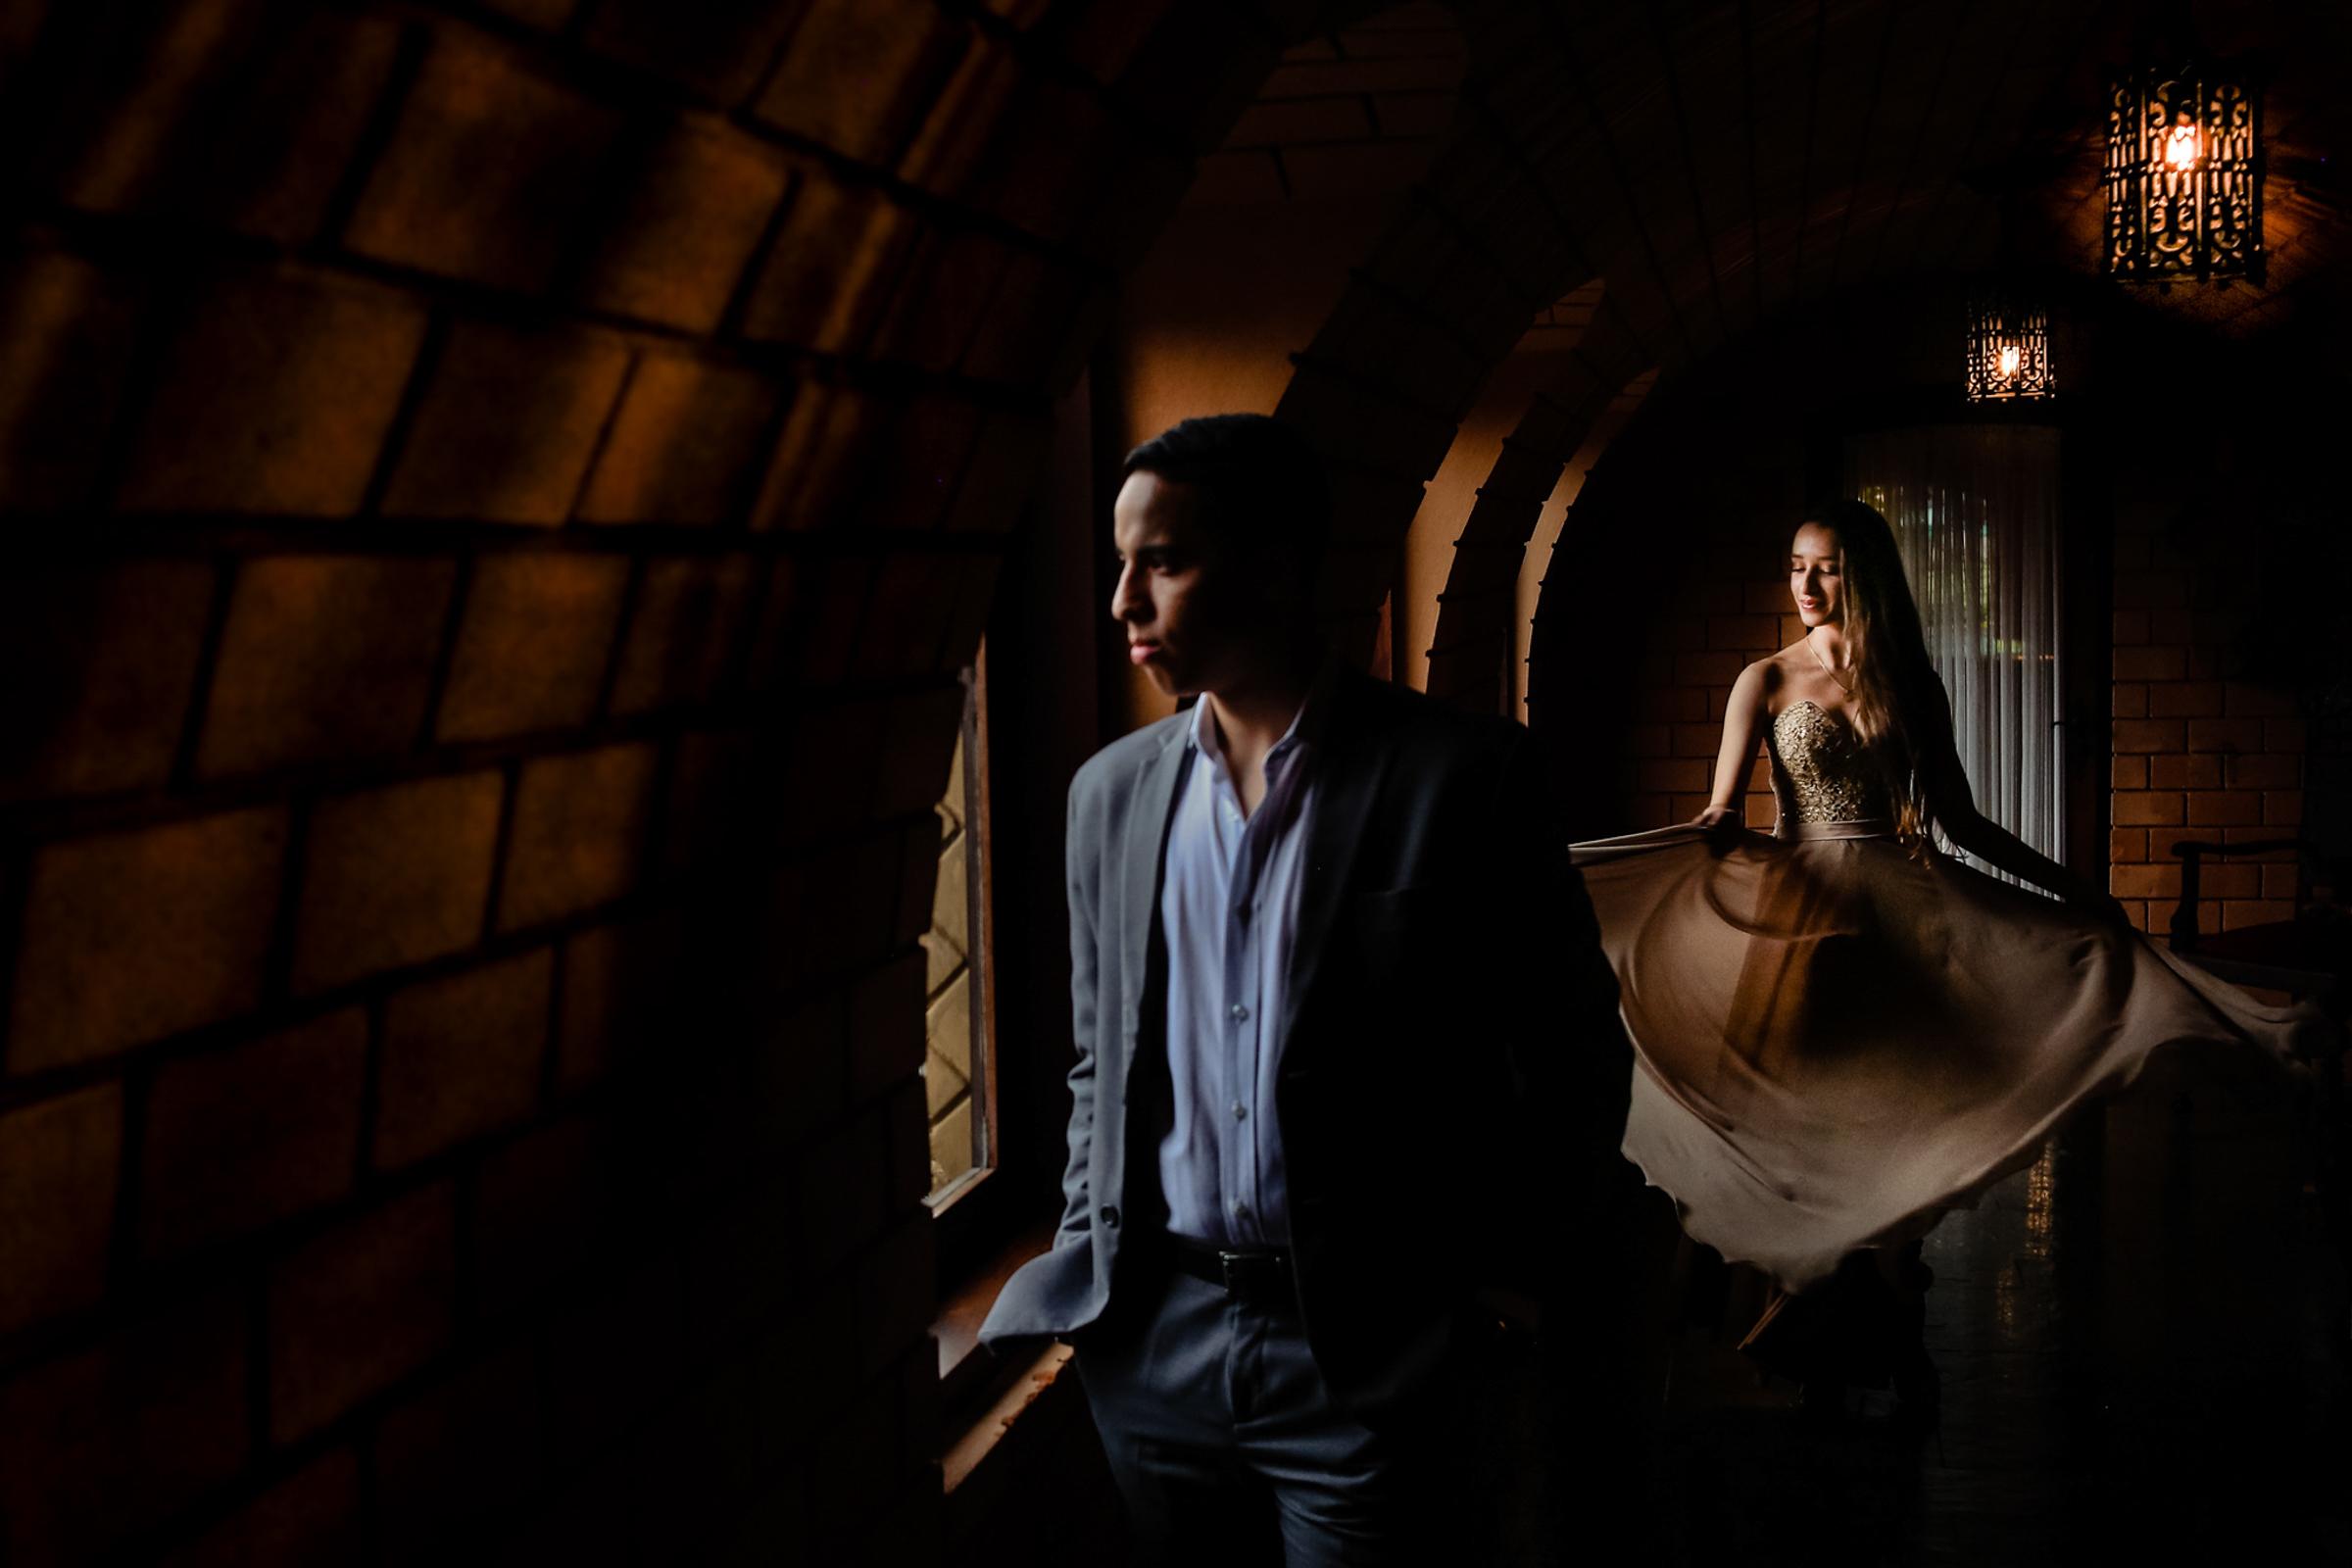 Couple in dark hall - photo by Área da Fotografia